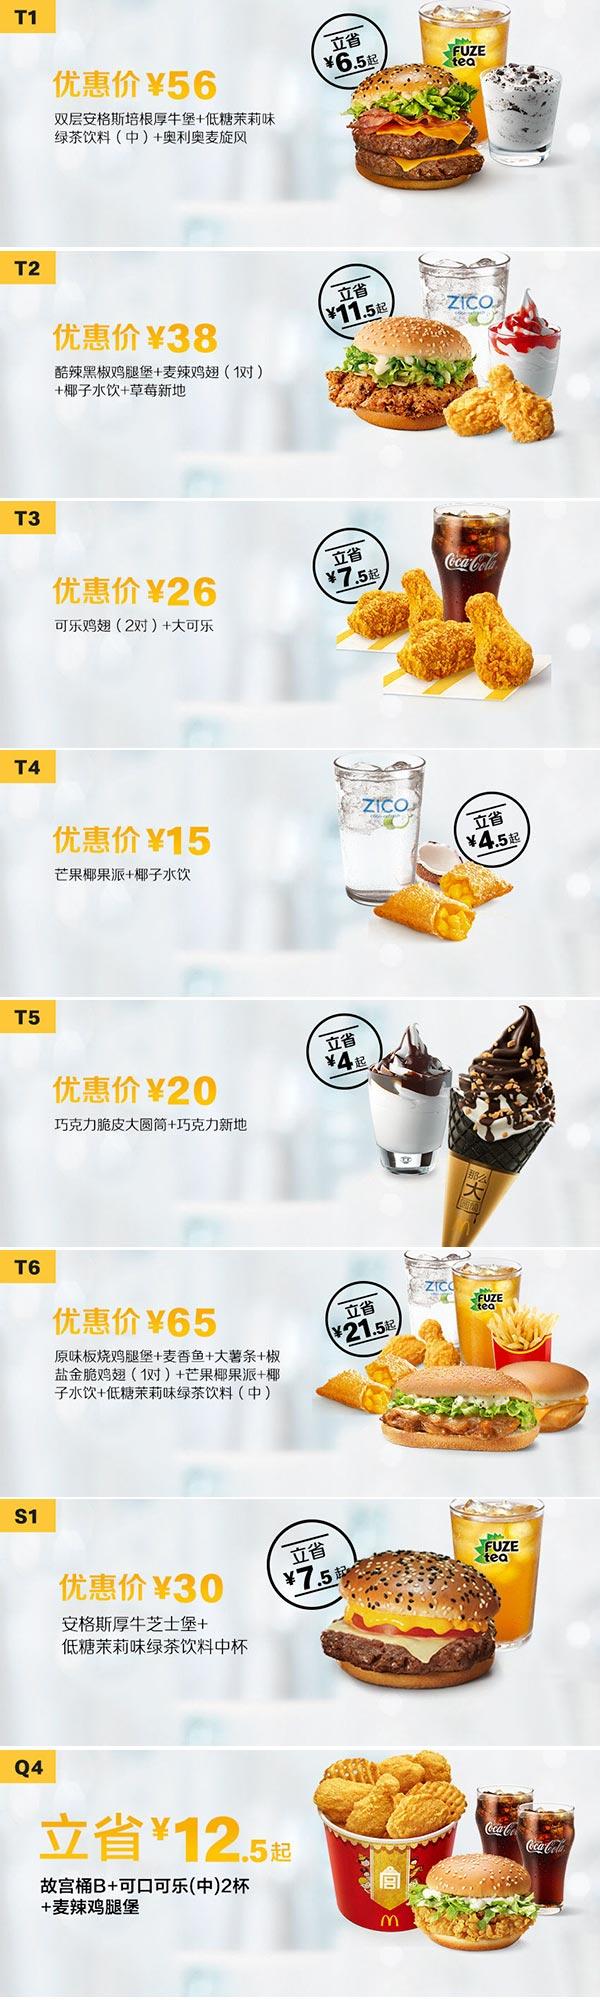 优惠券图片:麦当劳优惠券2019年9月5日至24日手机版整张,八款优惠共省75.5元起 有效期2019年09月5日-2019年09月24日